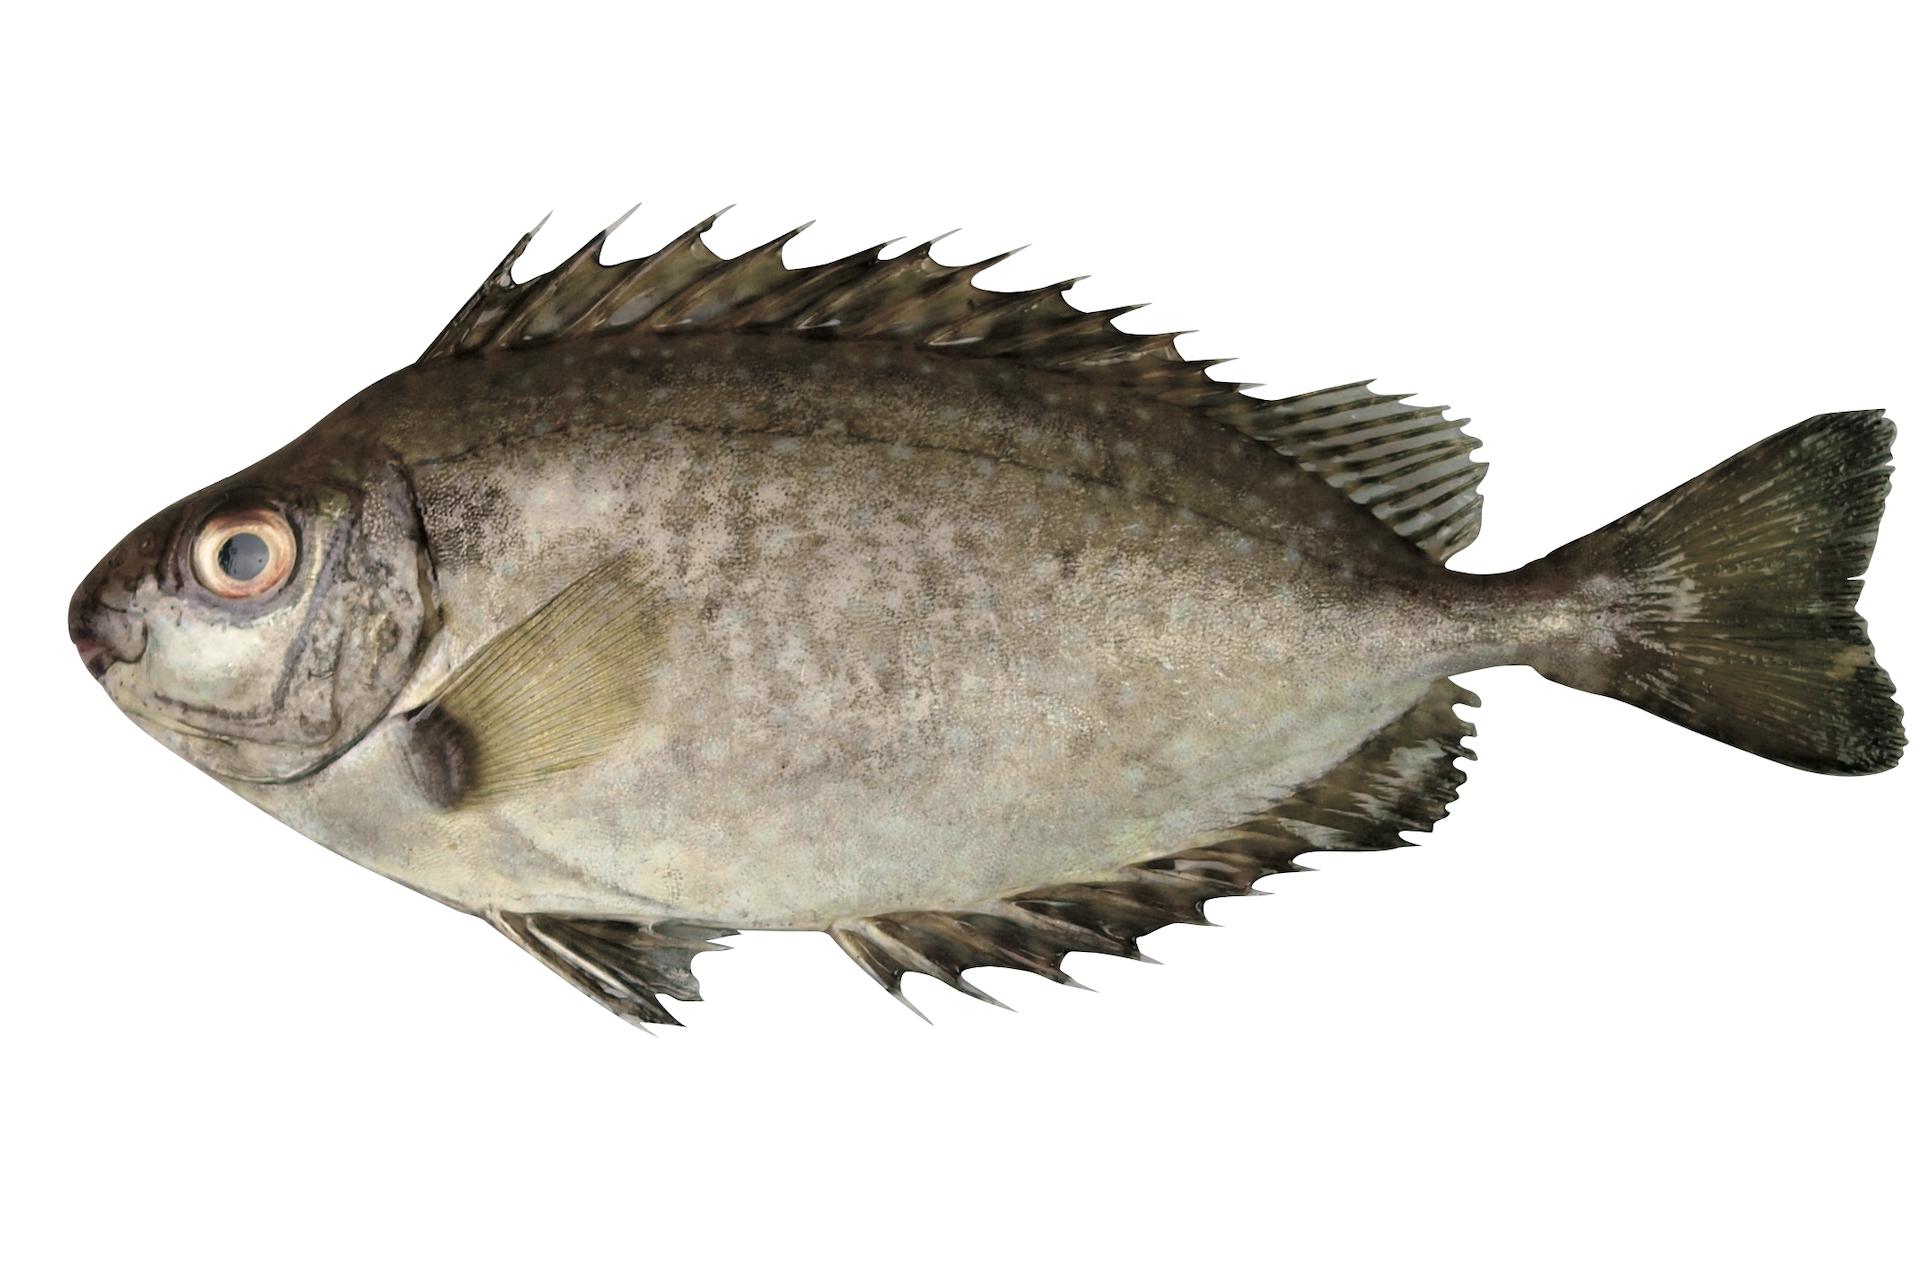 アイゴ 魚 ブルータス